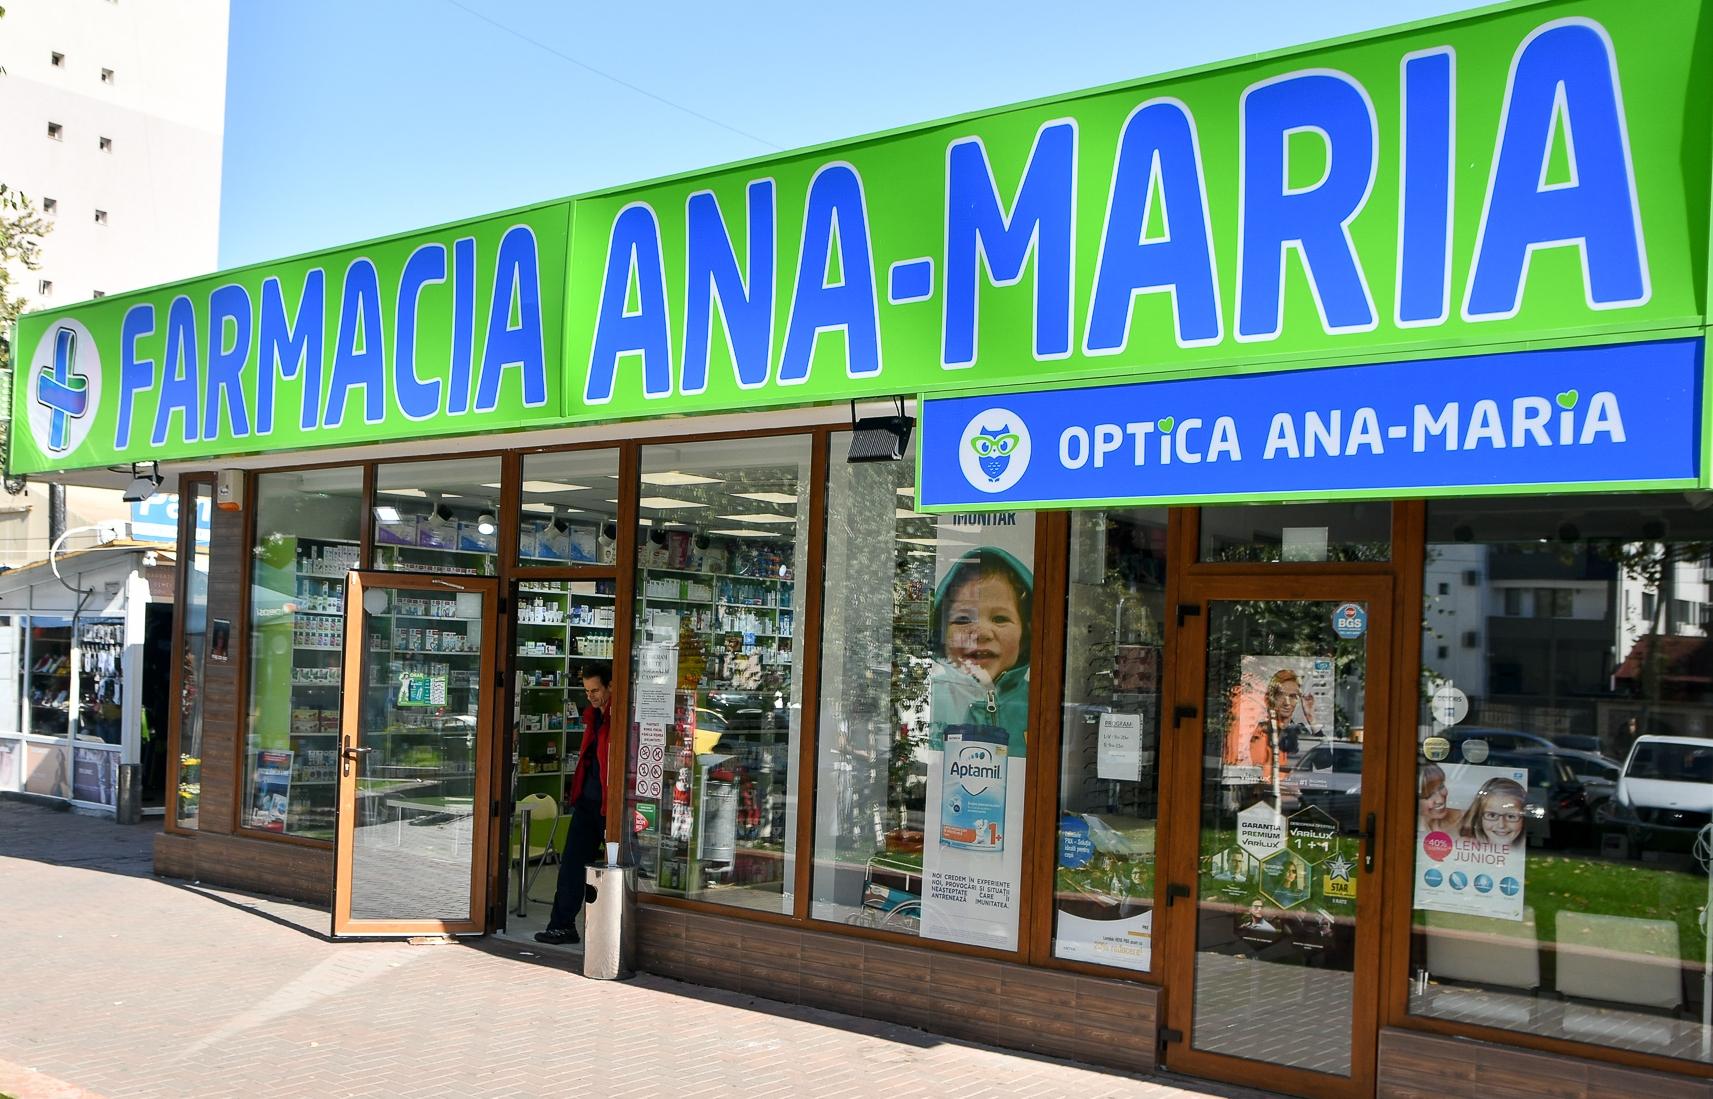 Avantajele de care se bucura pacientii Farmaciei Ana-Maria, o farmacie special infiintata pentru romani